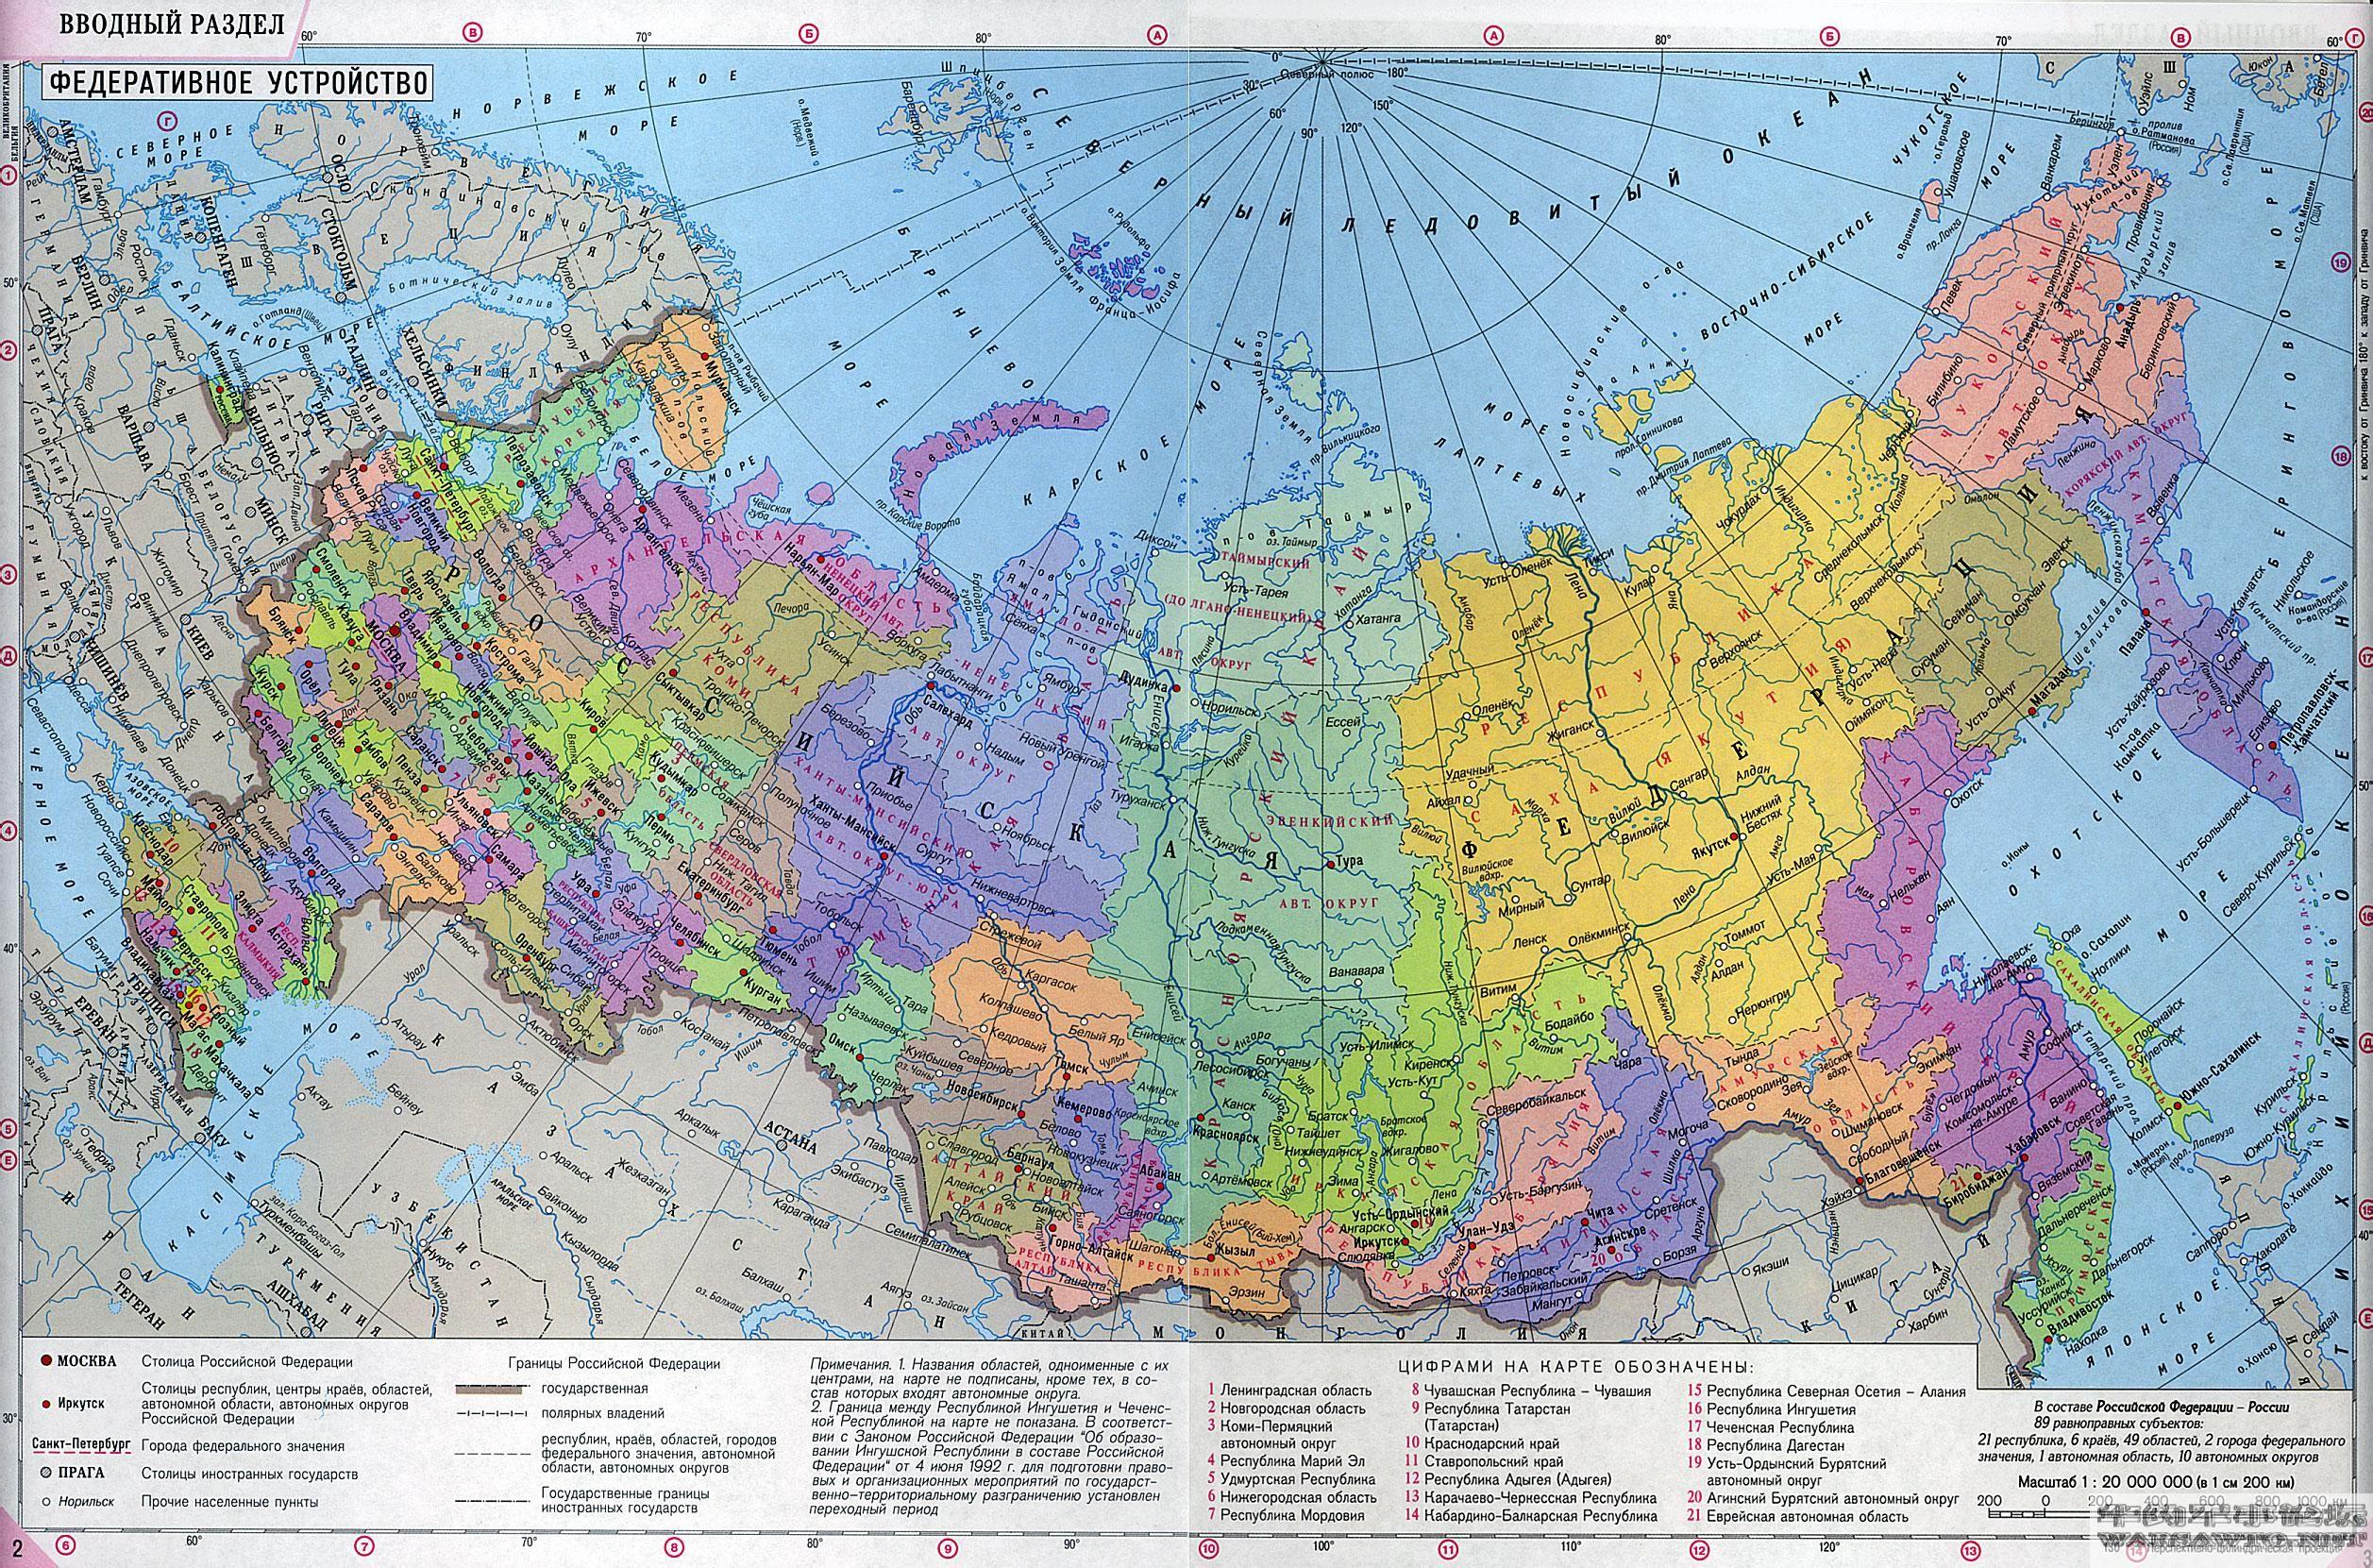 2014年时事政治新闻_苏联解体前后地图对比_百度知道